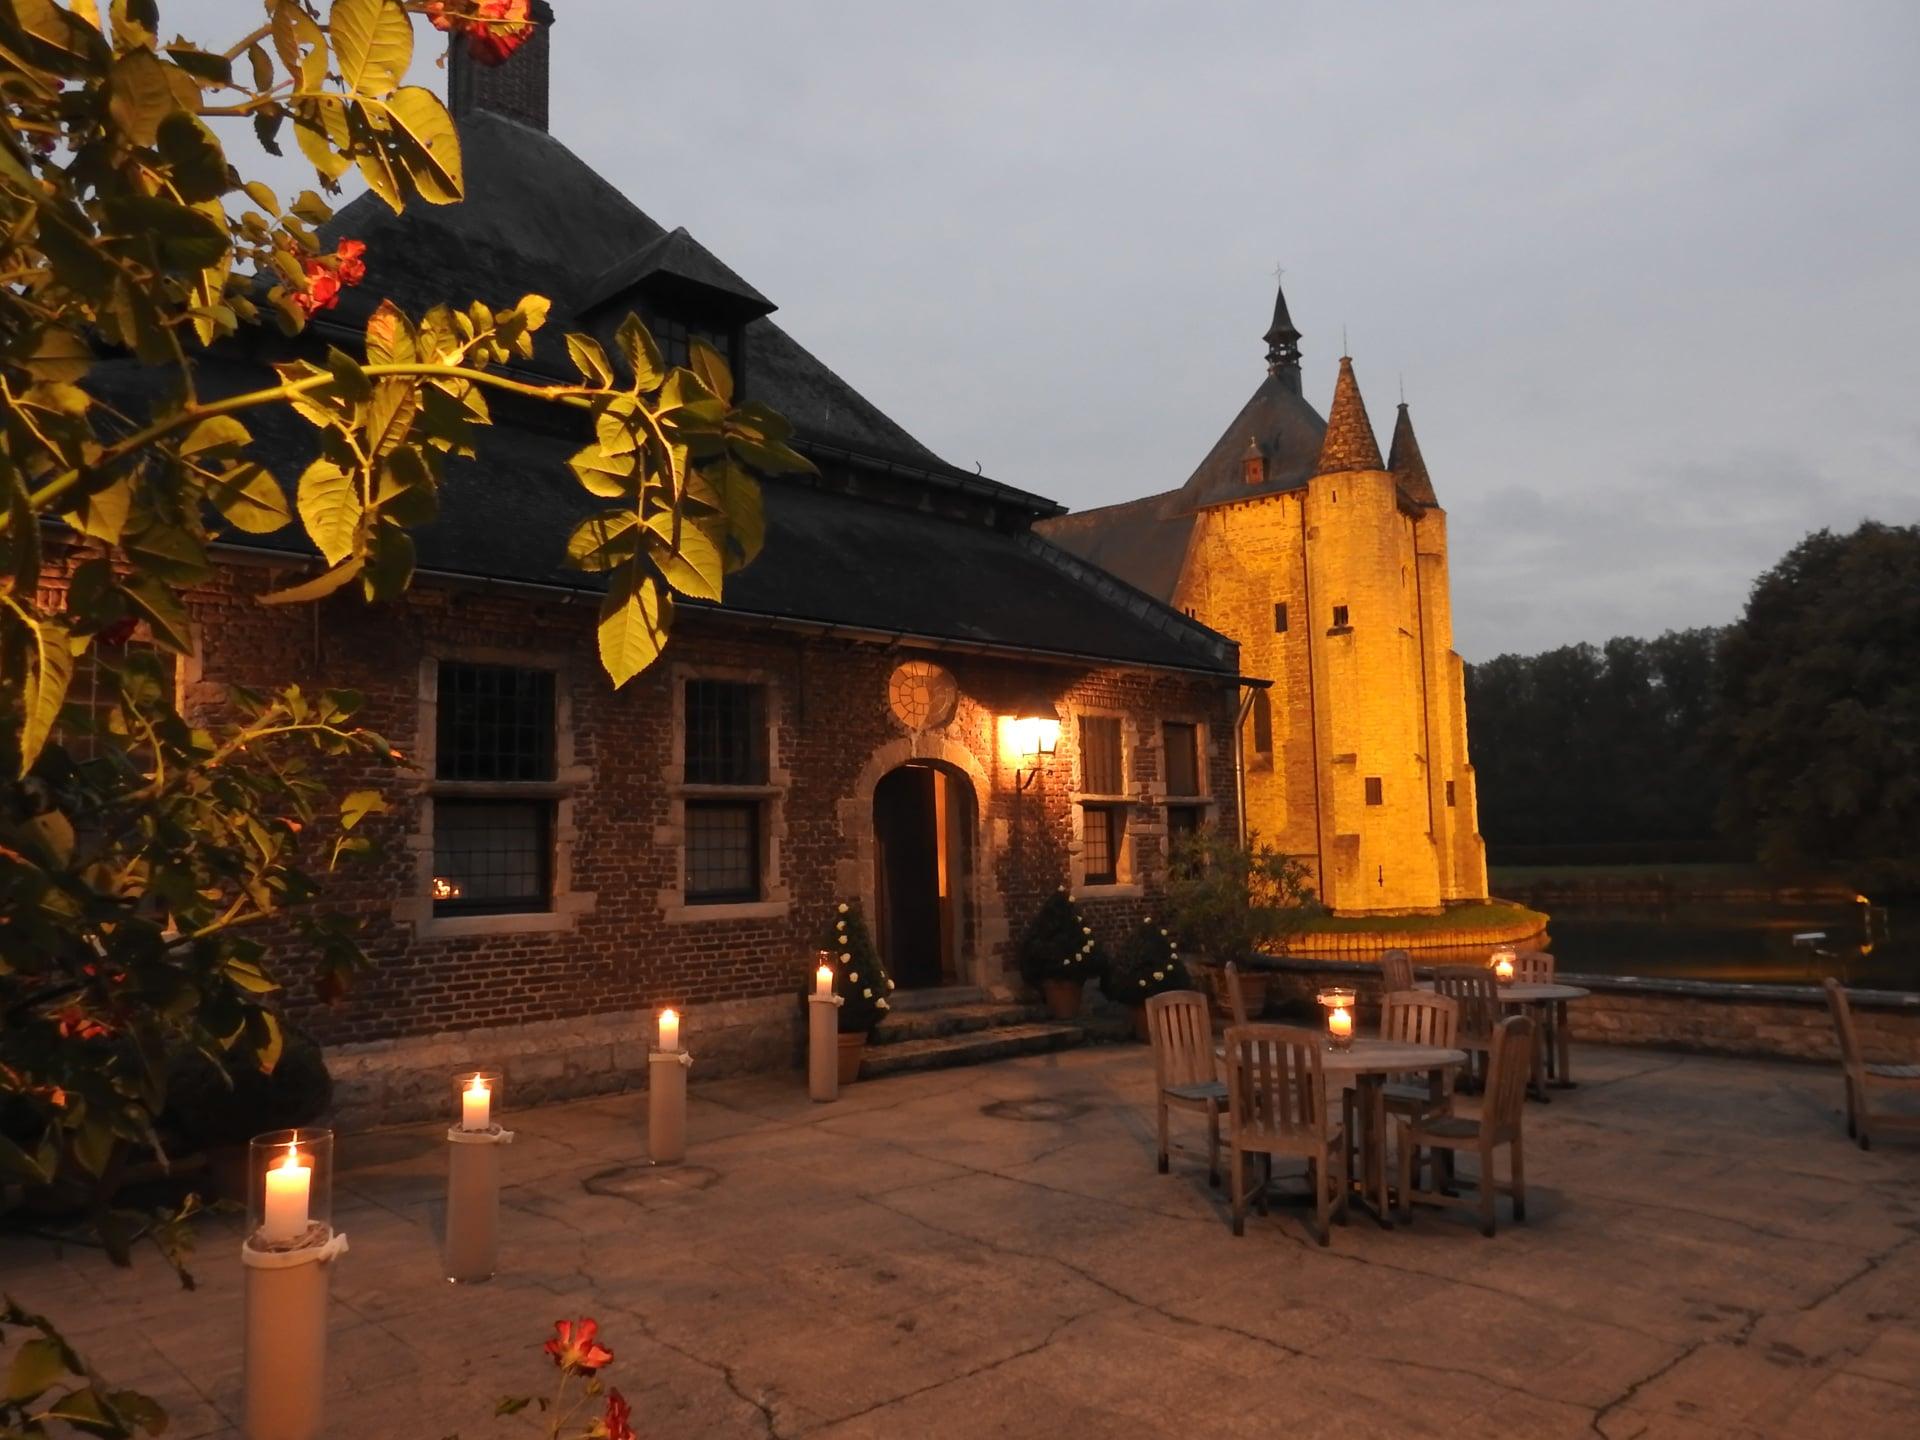 Sfeer - Kasteel Van Laarne